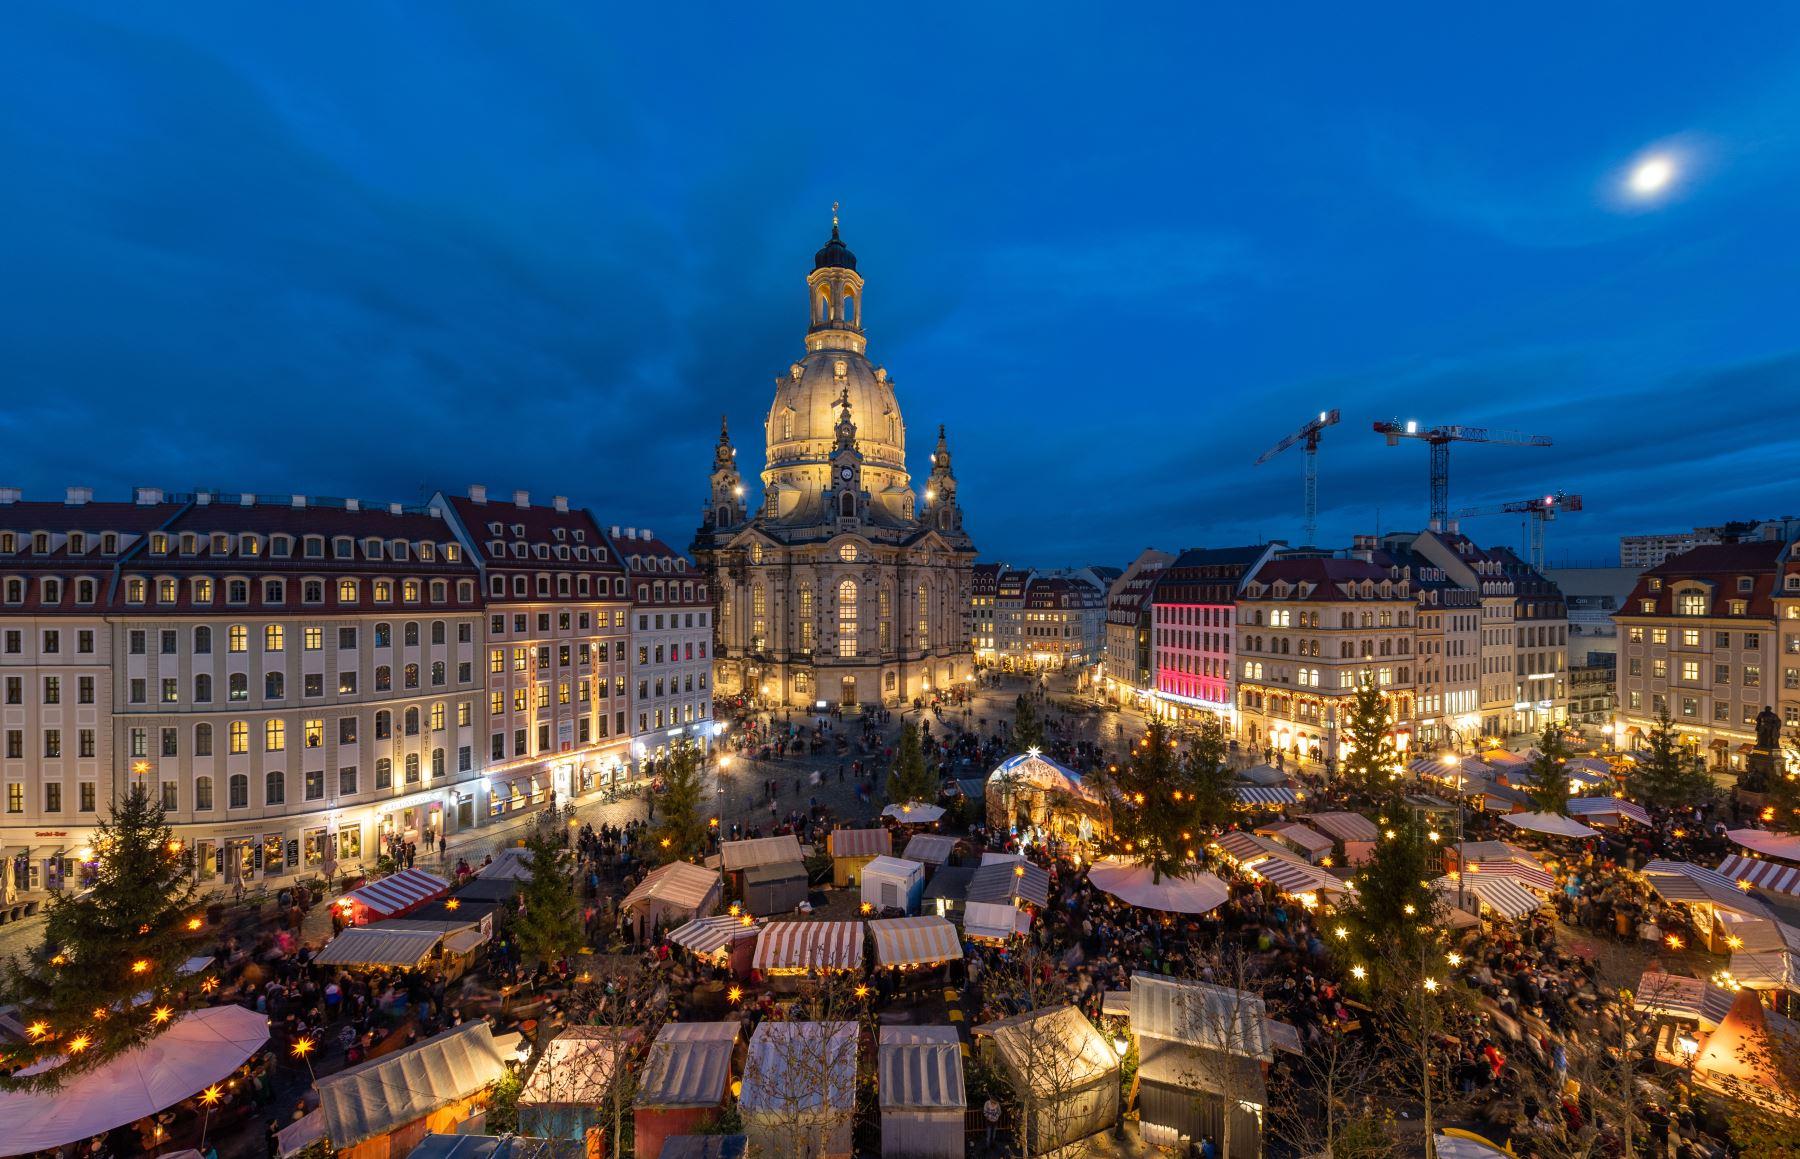 La iluminada Frauenkirche (Iglesia de Nuestra Señora) se puede ver en la plaza Neumarkt mientras los visitantes se agolpan en el tradicional mercado navideño en Dresden, Alemania oriental. Foto: AFP